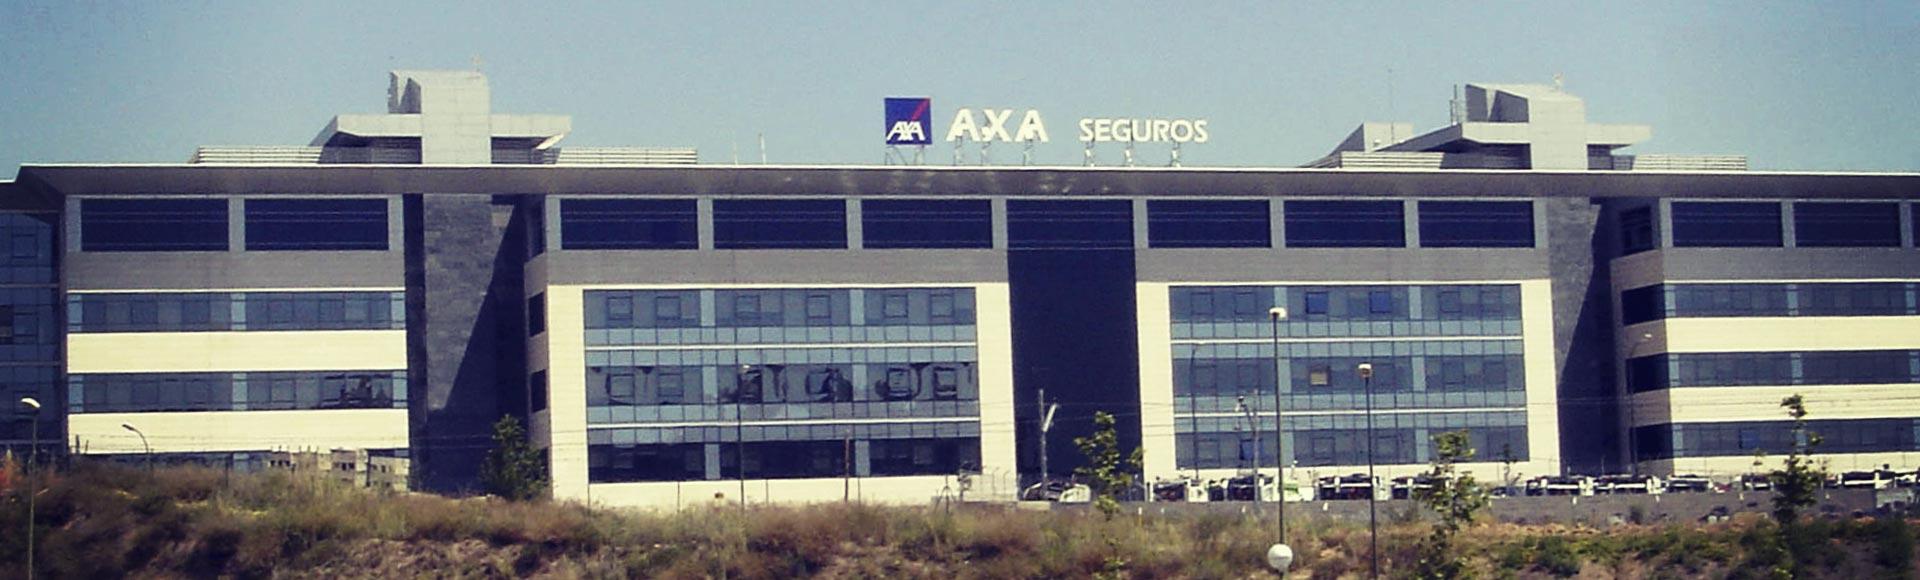 Convenci n de gexbrok en la sede de madrid de axa for Axa seguros bilbao oficinas